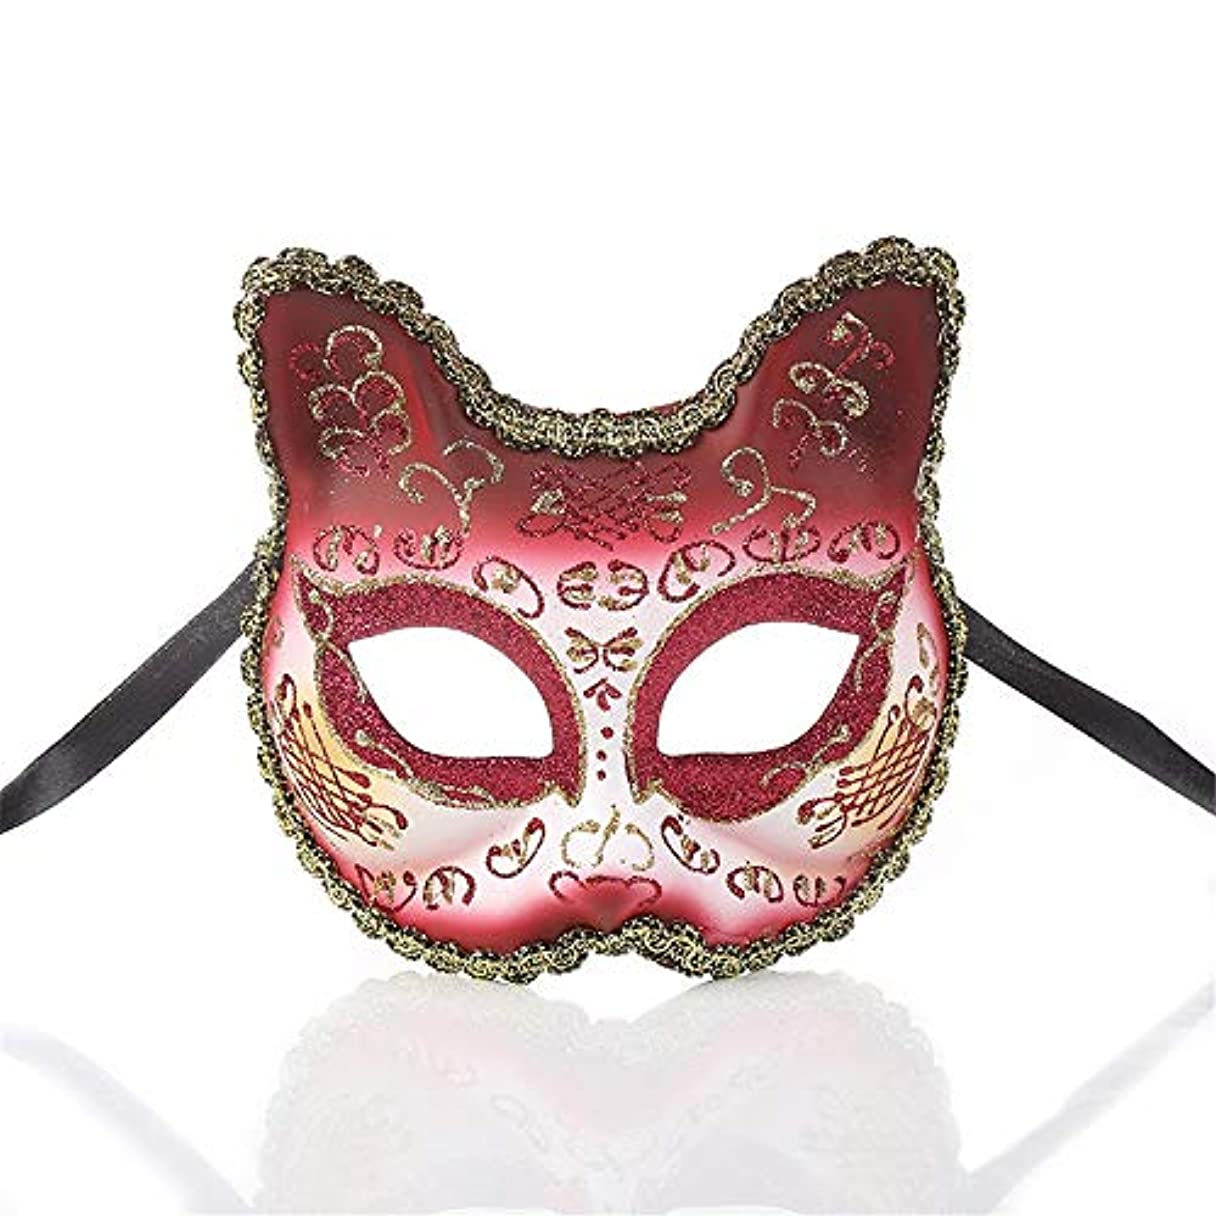 ダンスマスク ワイルドマスカレードロールプレイングパーティーの小道具ナイトクラブのマスクの雰囲気クリスマスフェスティバルロールプレイングプラスチックマスク ホリデーパーティー用品 (色 : ワインレッド, サイズ : 13x13cm)